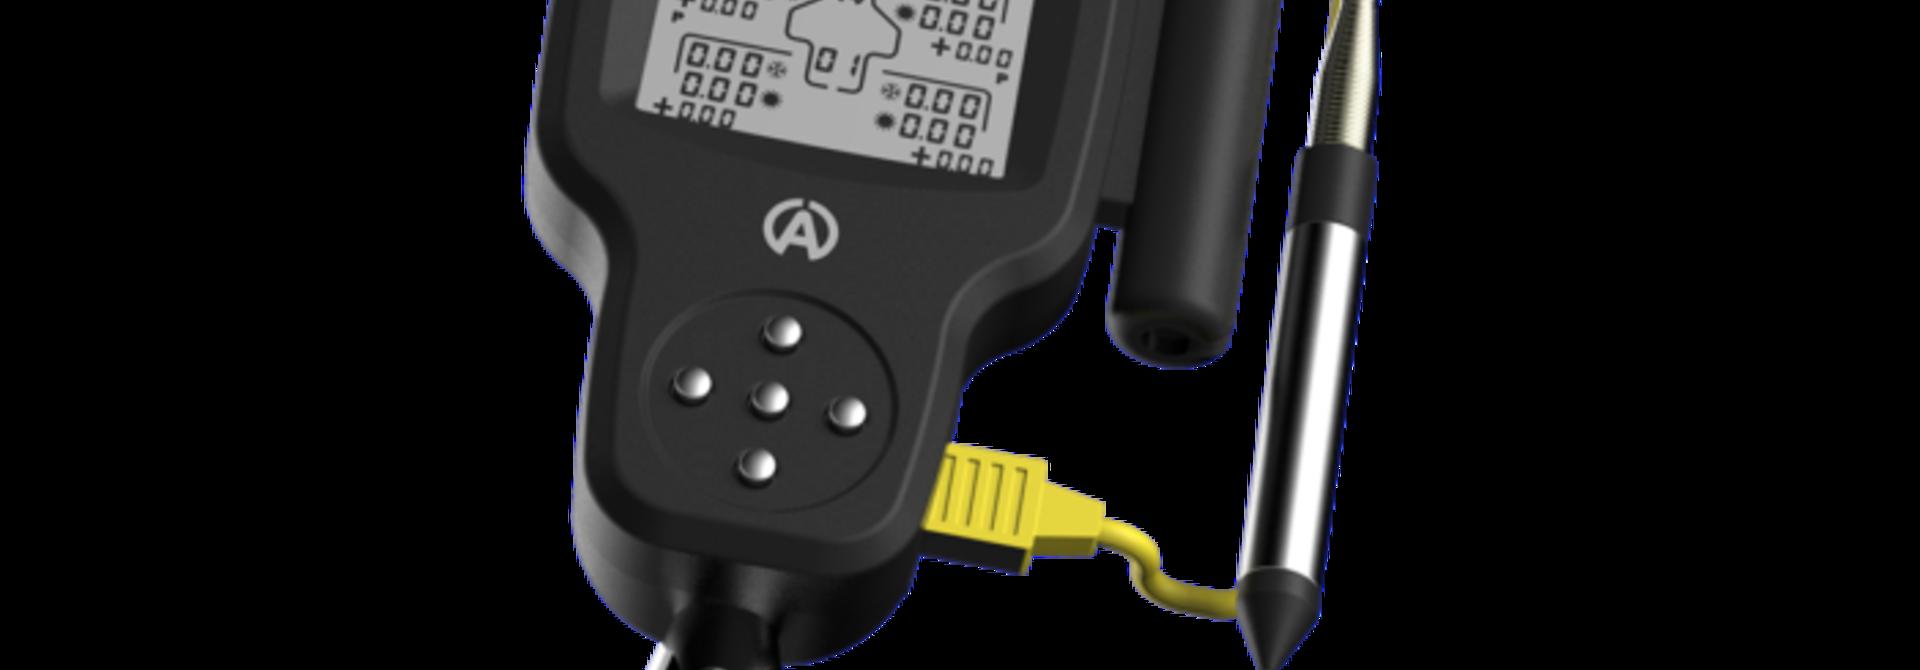 Bandendruk & Temperatuur meters